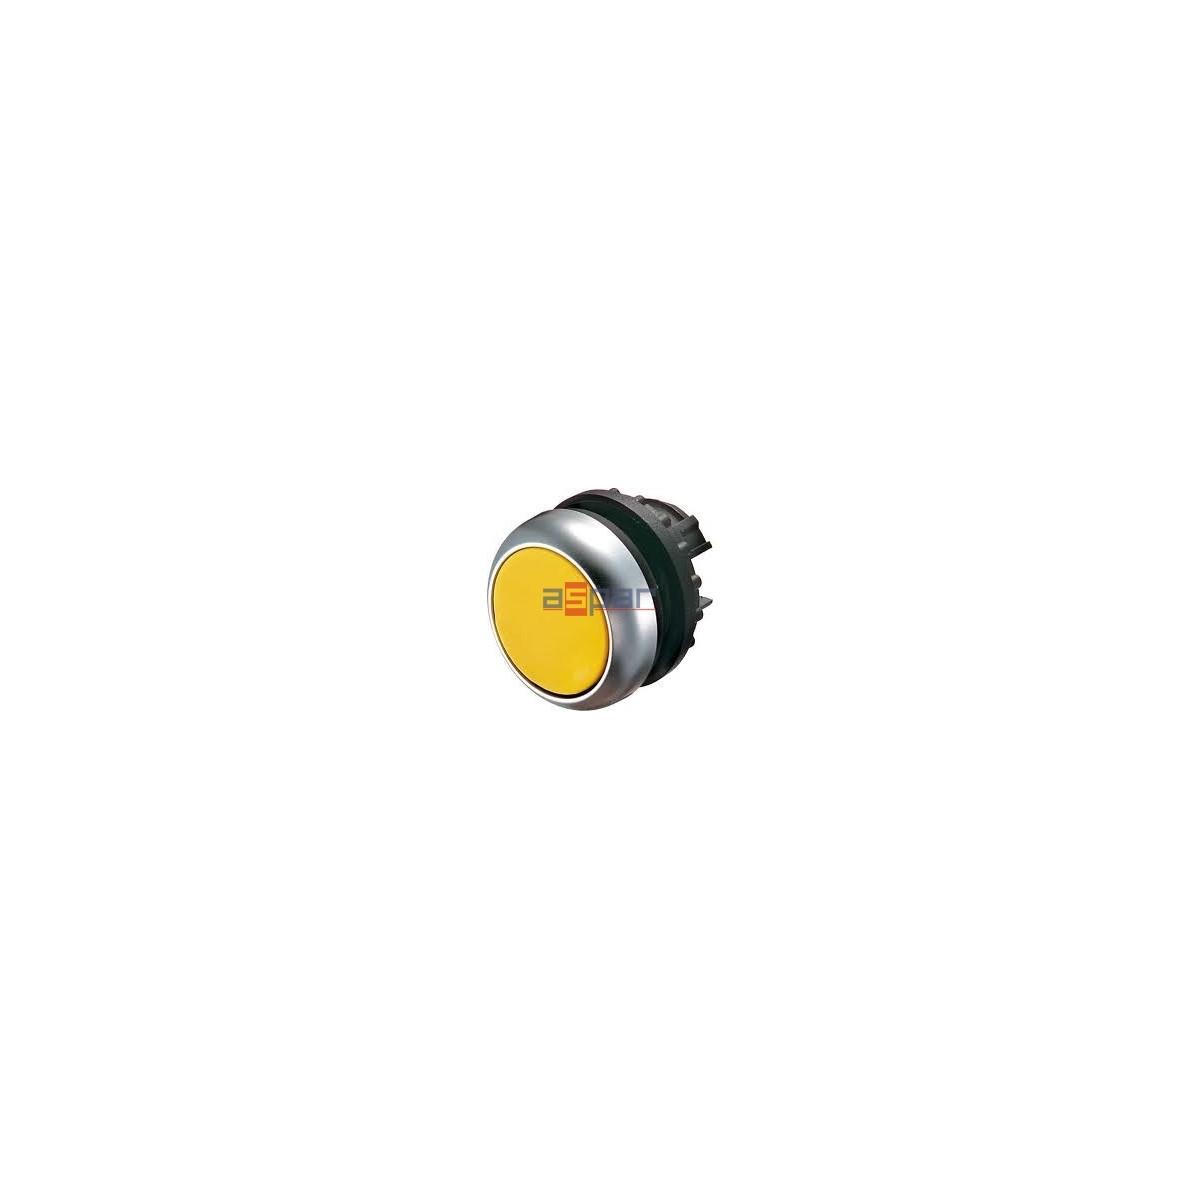 M22-DL-Y, 216929, przycisk z samopowrotem, podświetlany, żółty